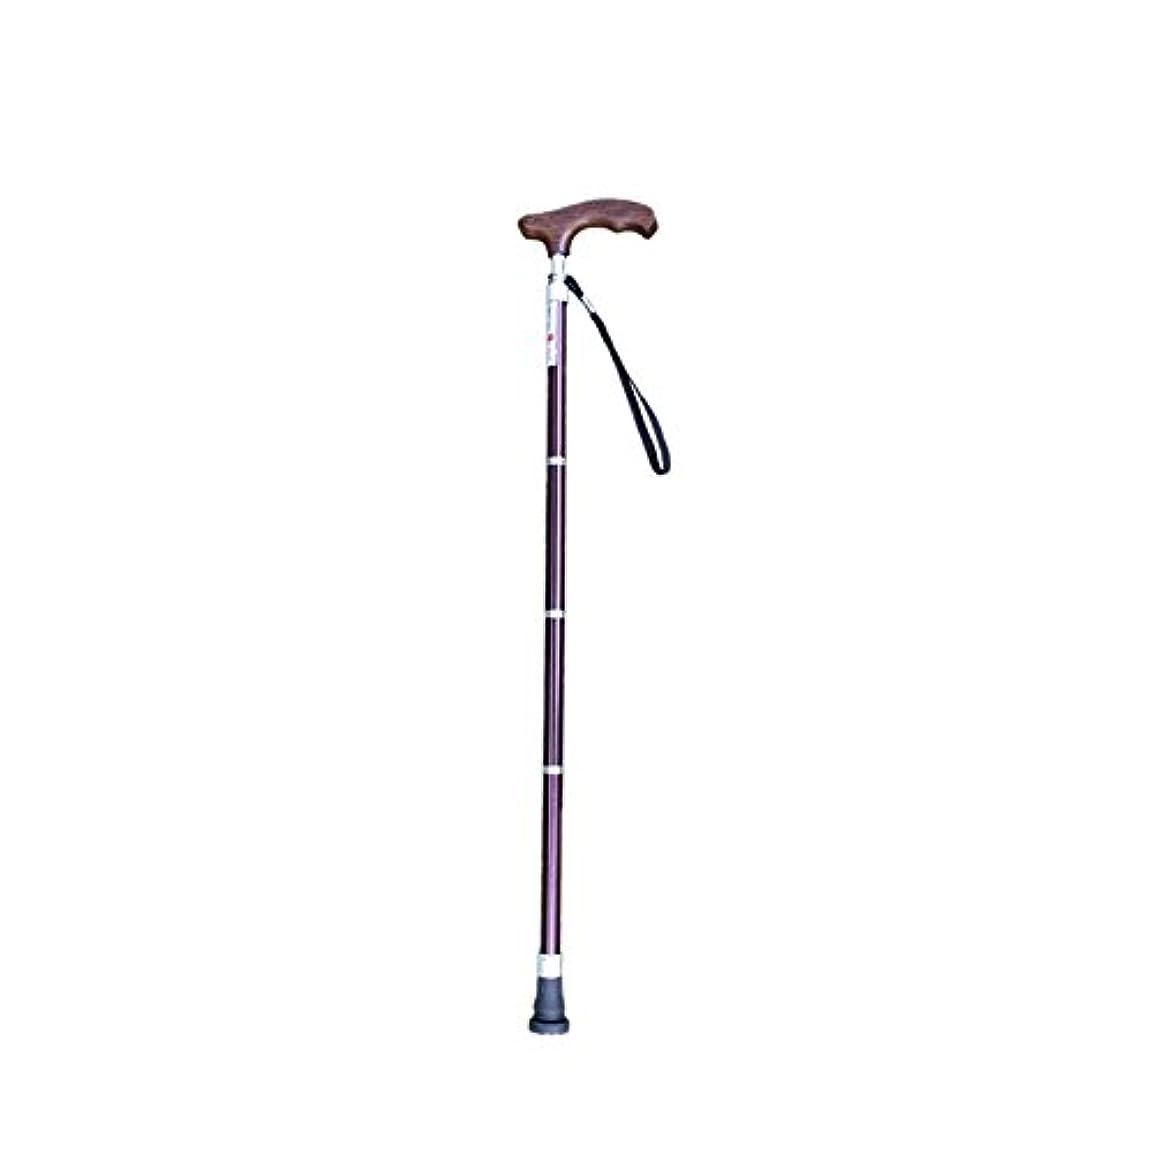 守銭奴ポゴスティックジャンプ直接古い松葉杖杖折りたたみ式伸縮式バックパックソリッドウッドハンドル軽量ノンスリップトレッキングポールウォーキングスティック (色 : Purple)